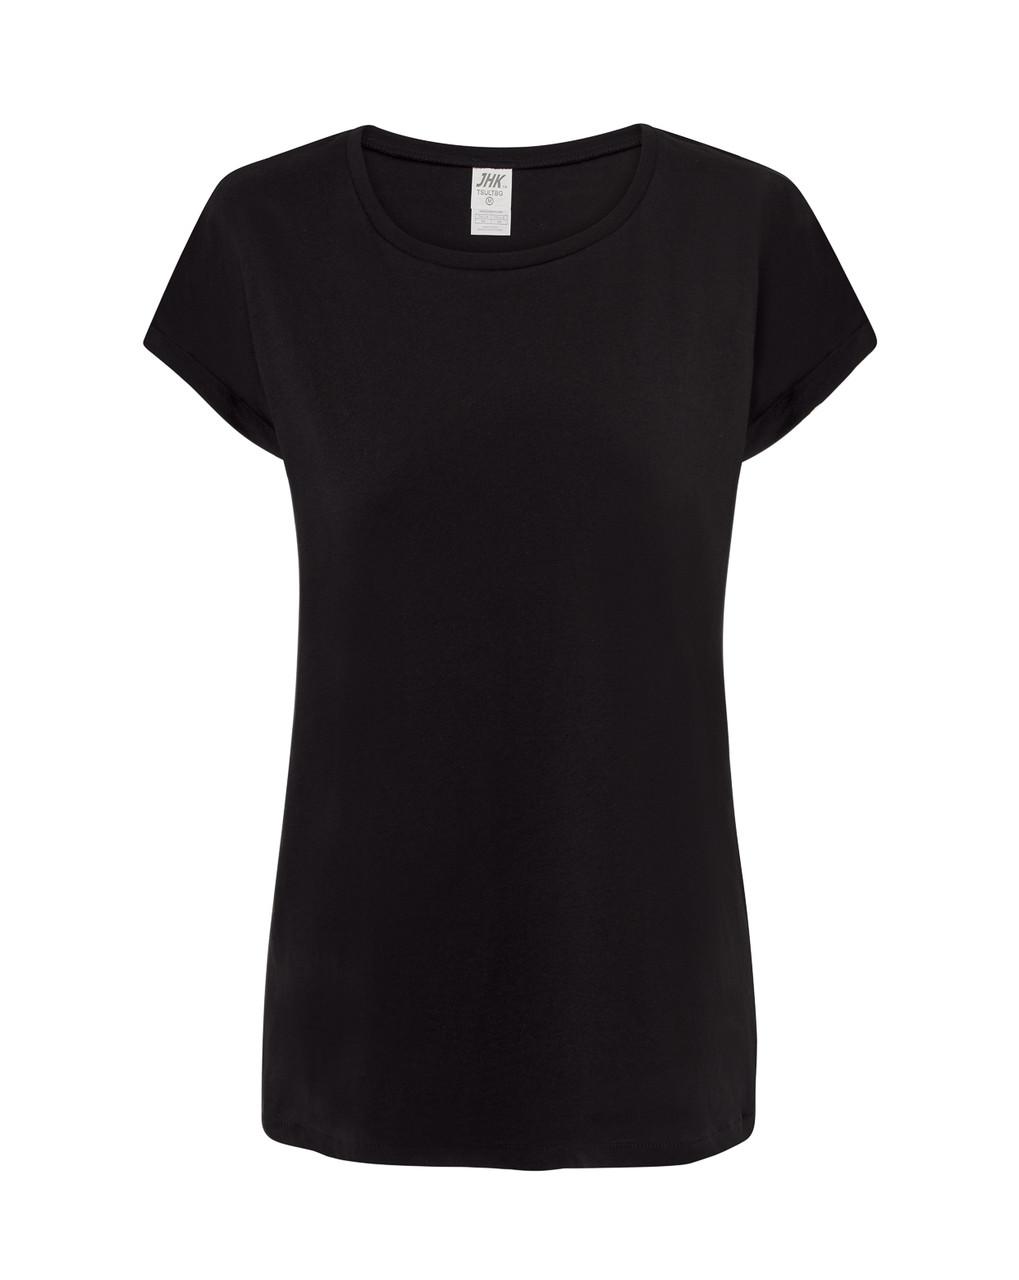 Женская футболка JHK TOBAGO цвет черный (BK)